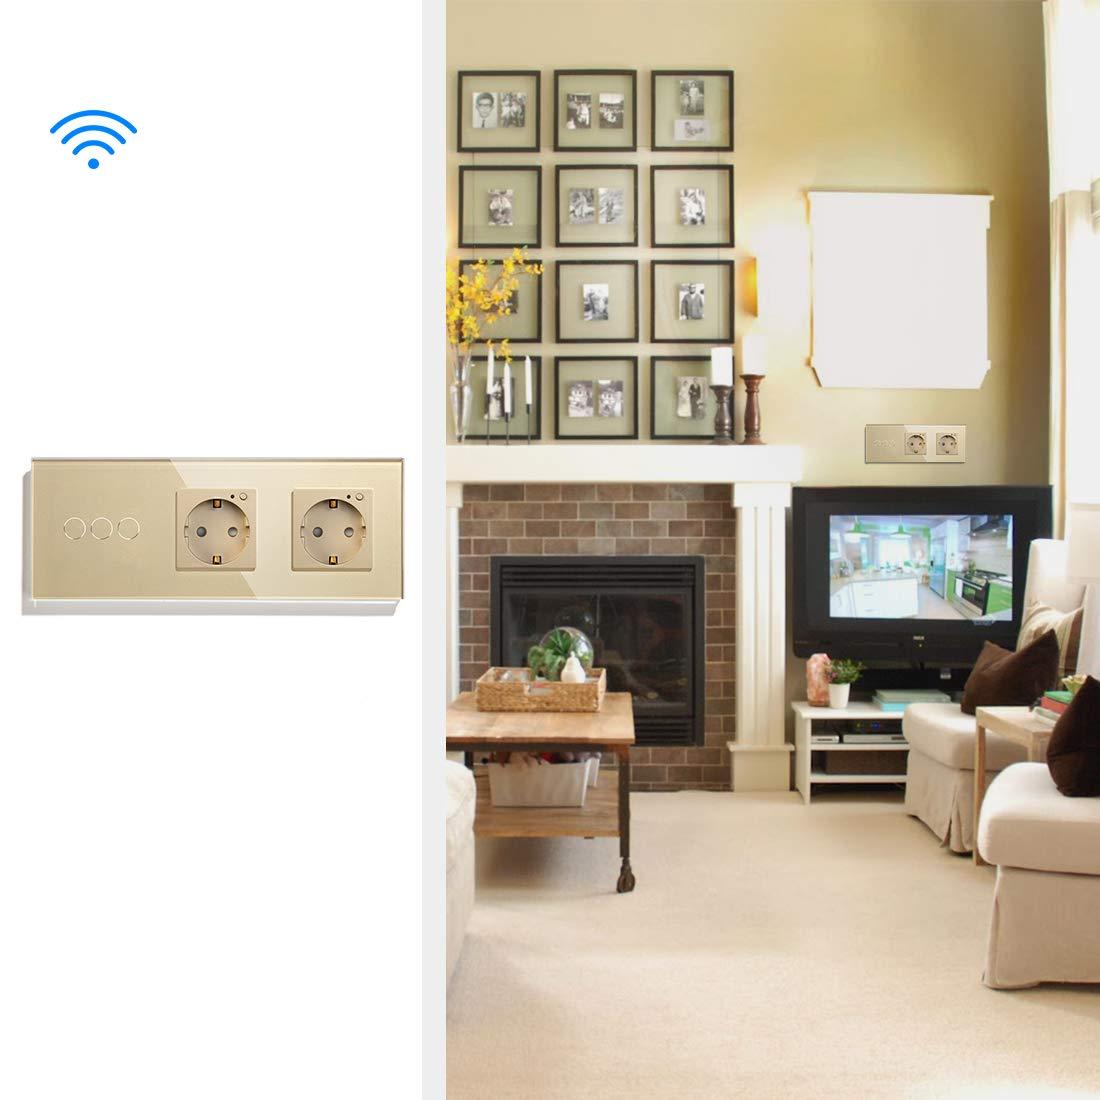 BSEED Interruptor de luz t/áctil Alexa con enchufe WIFI Funciona con Tuya Alexa y Google Home 2 gang 1 way and Z/ócalos dobles de la EU Blanco